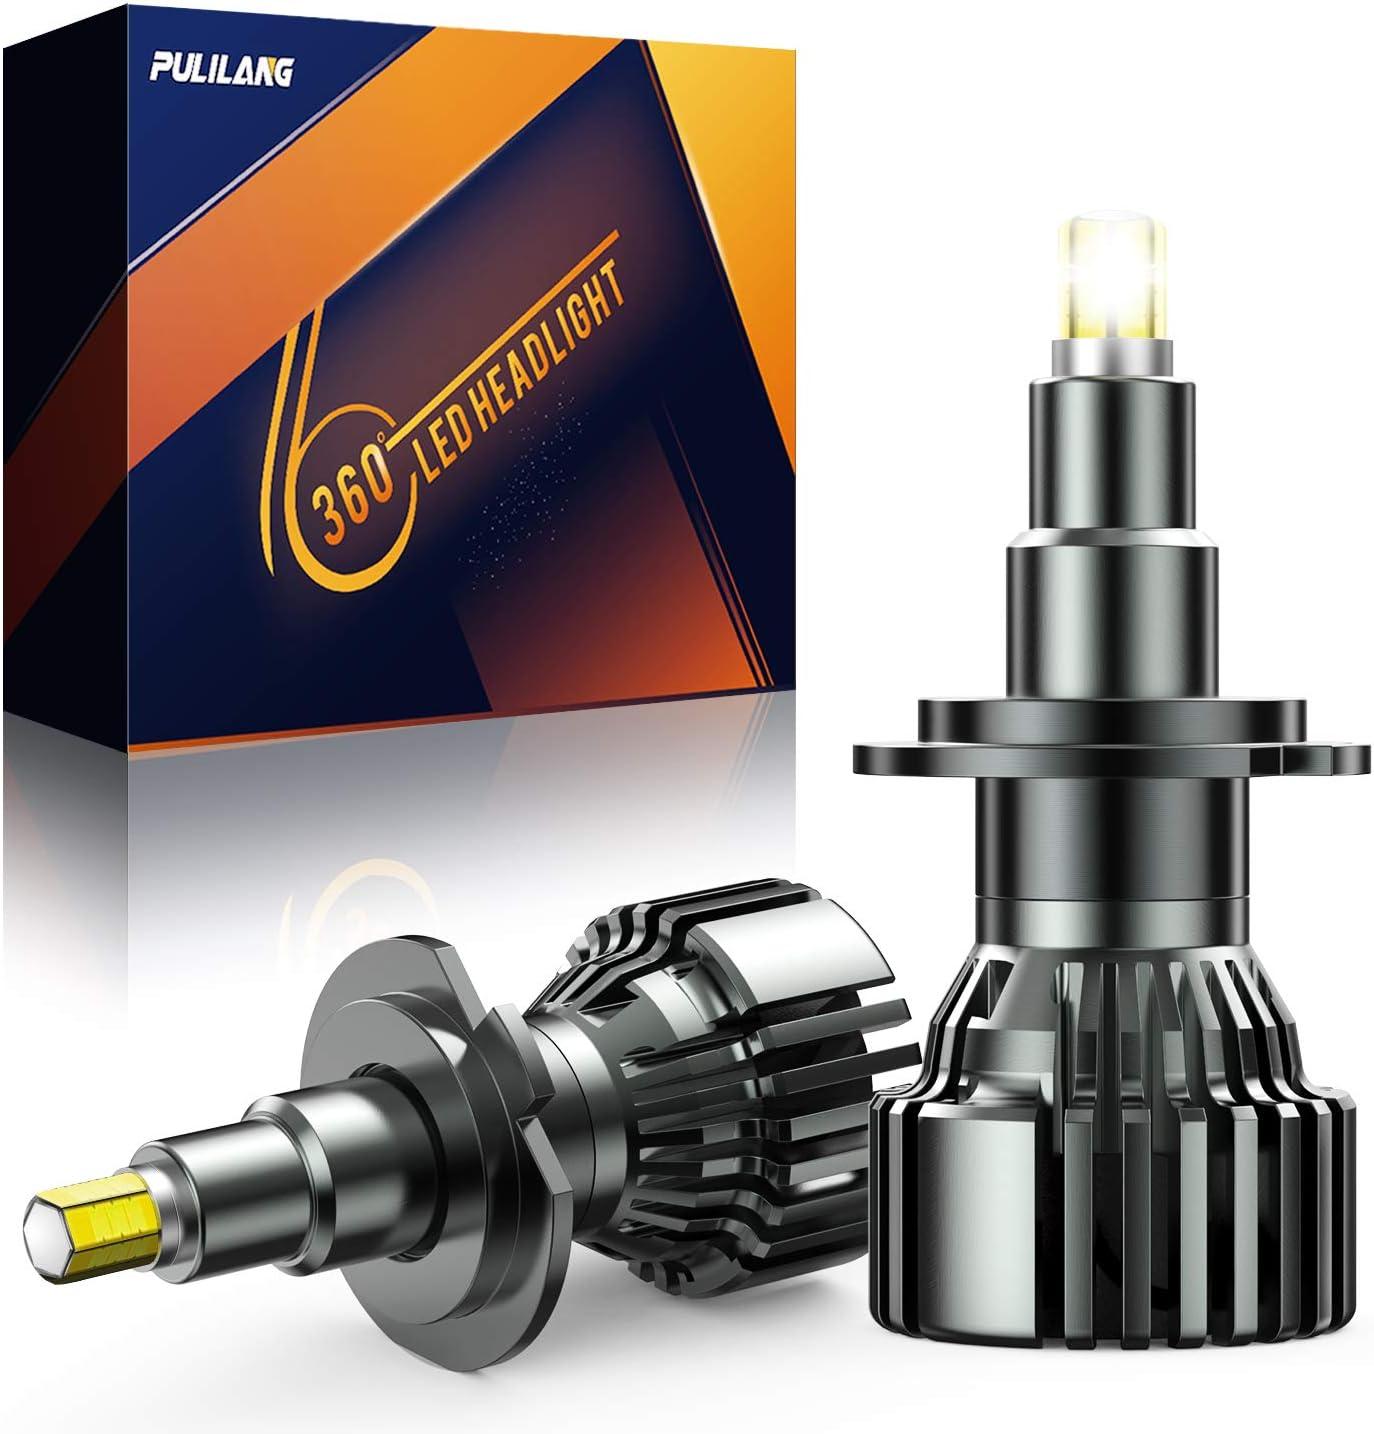 Pulilang Bombilla LED para Coche Faros Delanteros H7 LED 360 ° Faros - Luces de Haz Bajo -Luces de Haz Alto Más - 6 Lados 18 Piezas CSP Chip 60W Lámpara LED Coche Xenon Blanco 6000K 16000LM